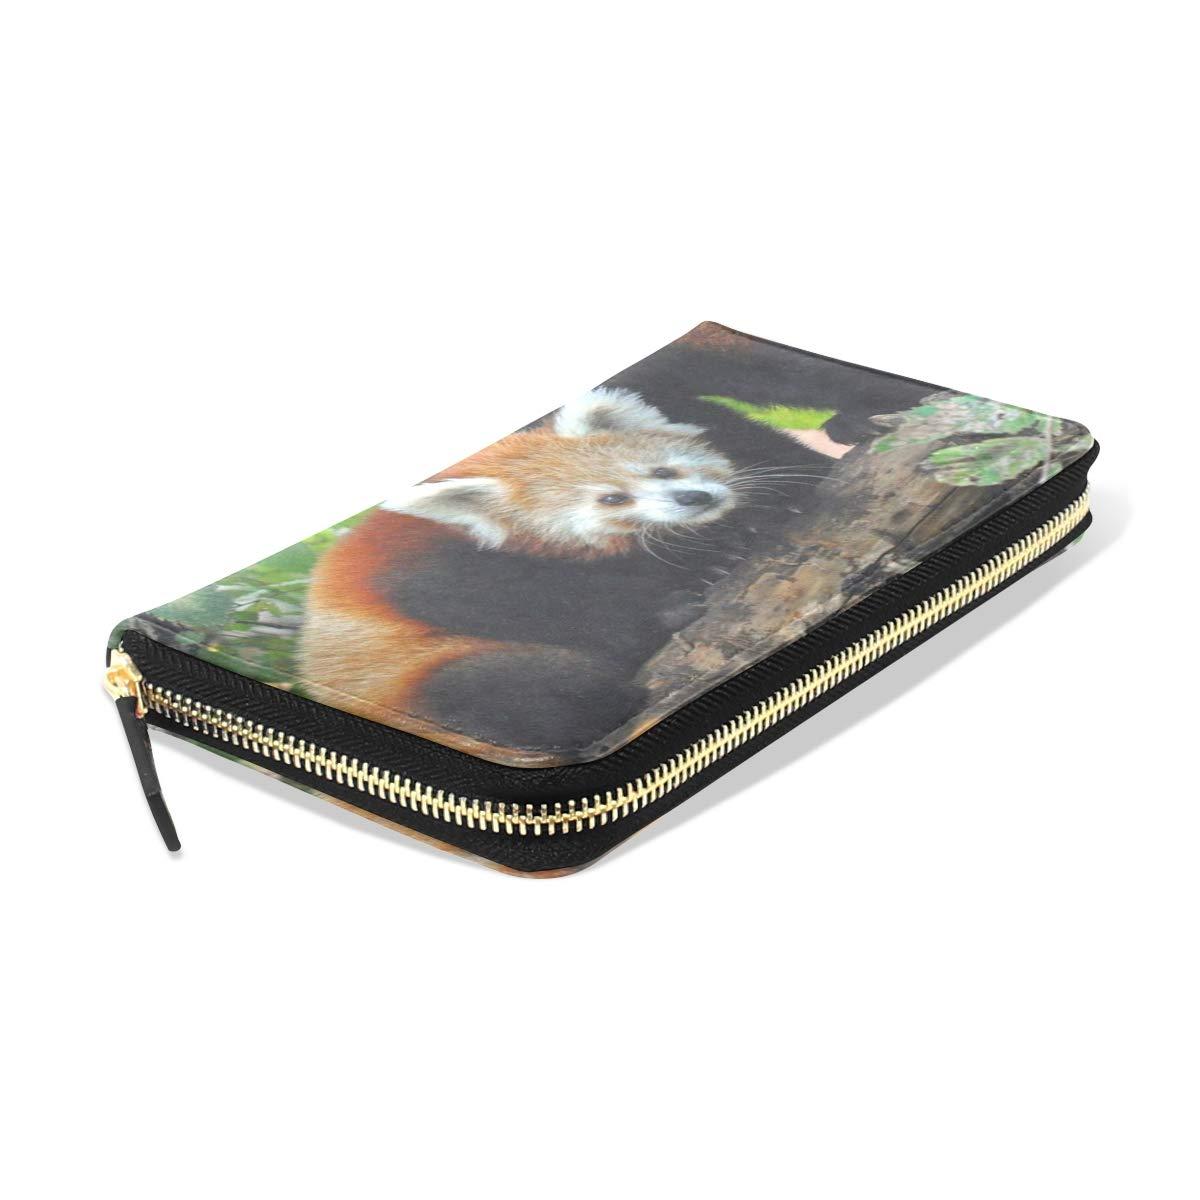 Womens Wallets Panda Mother Cub Leather Passport Wallet Coin Purse Girls Handbags